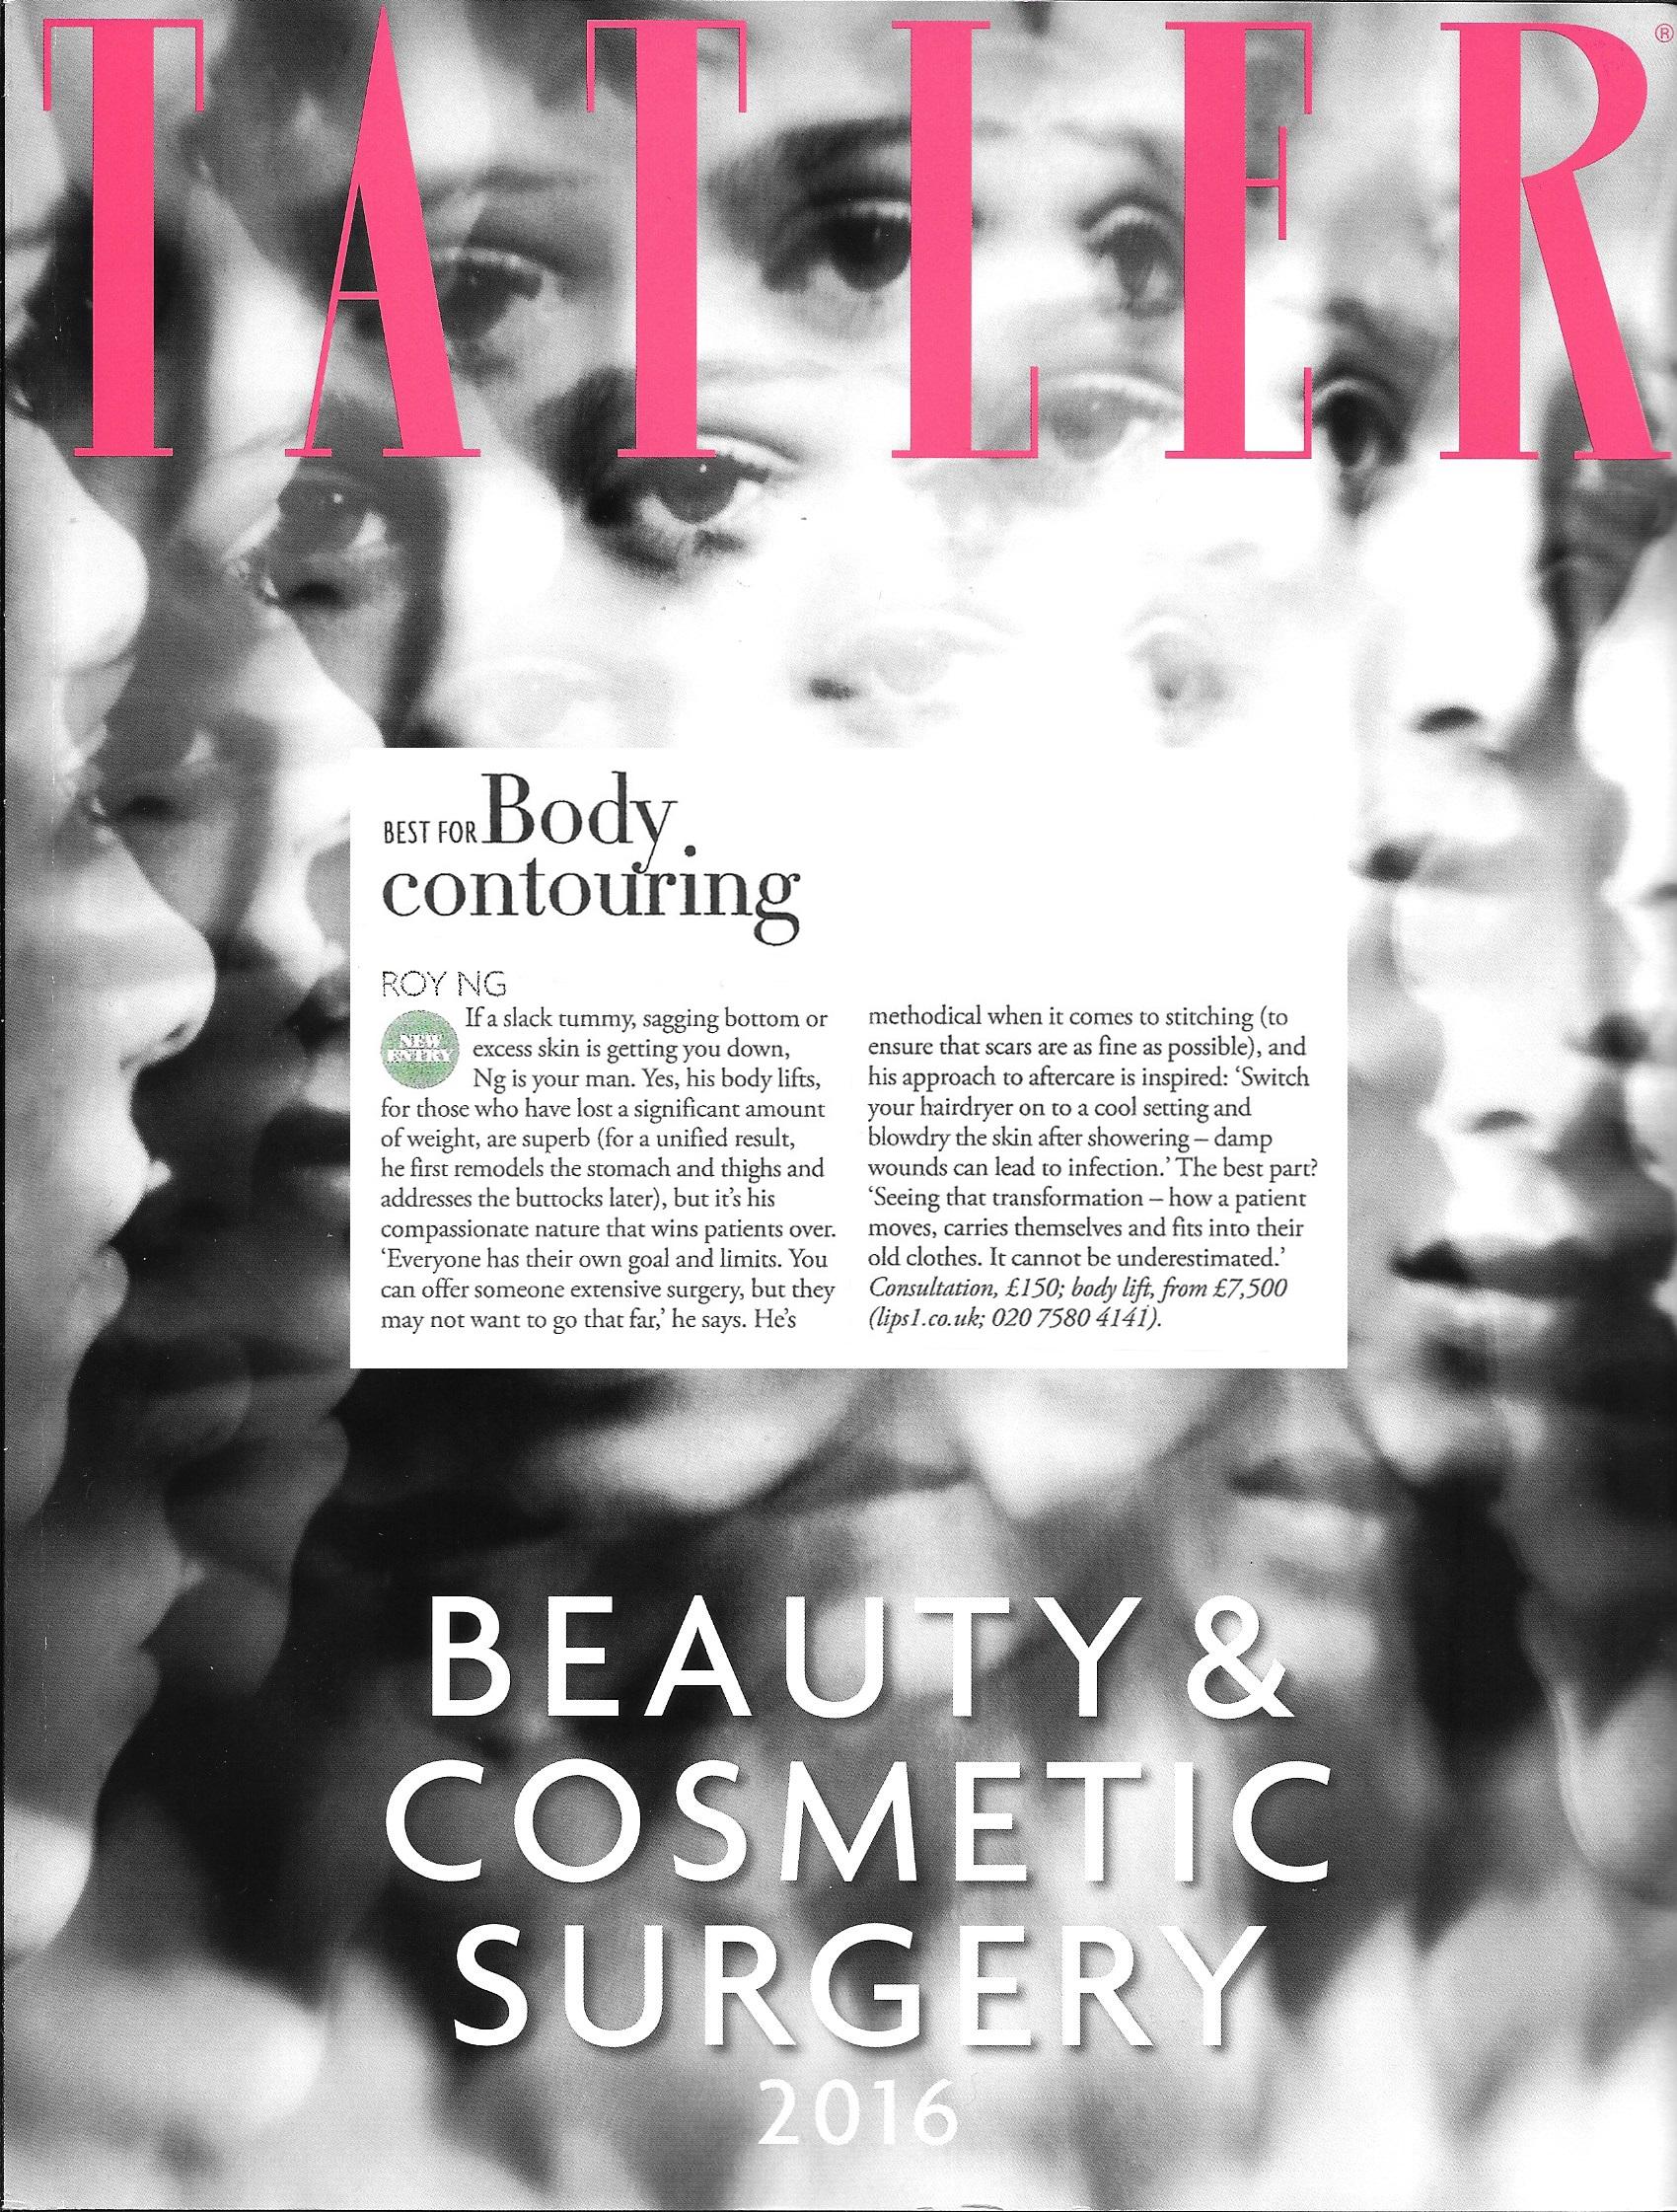 Top cosmetic surgeon - Tatler 2016